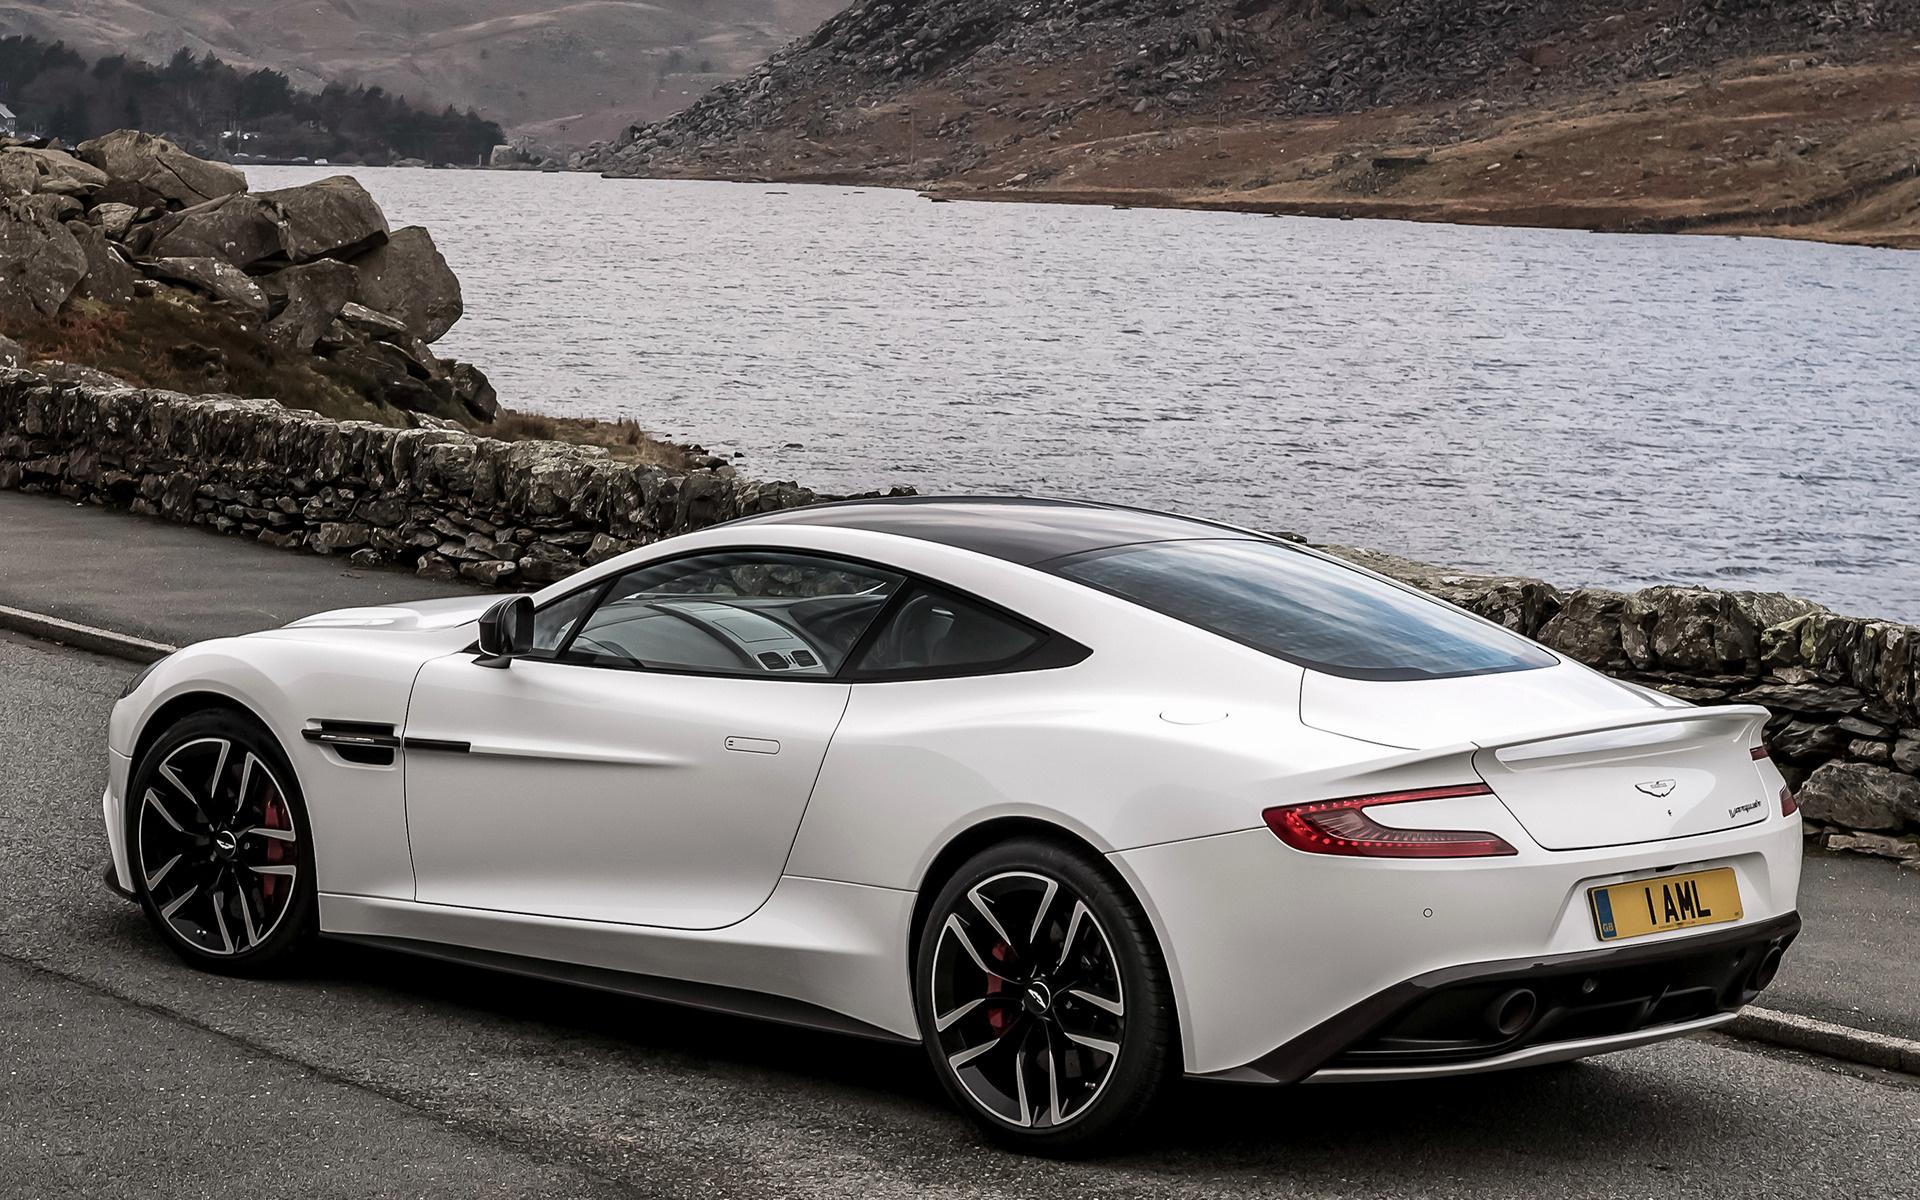 2014 Aston Martin Vanquish Carbon White Uk Hintergrundbilder Und Wallpaper In Hd Car Pixel